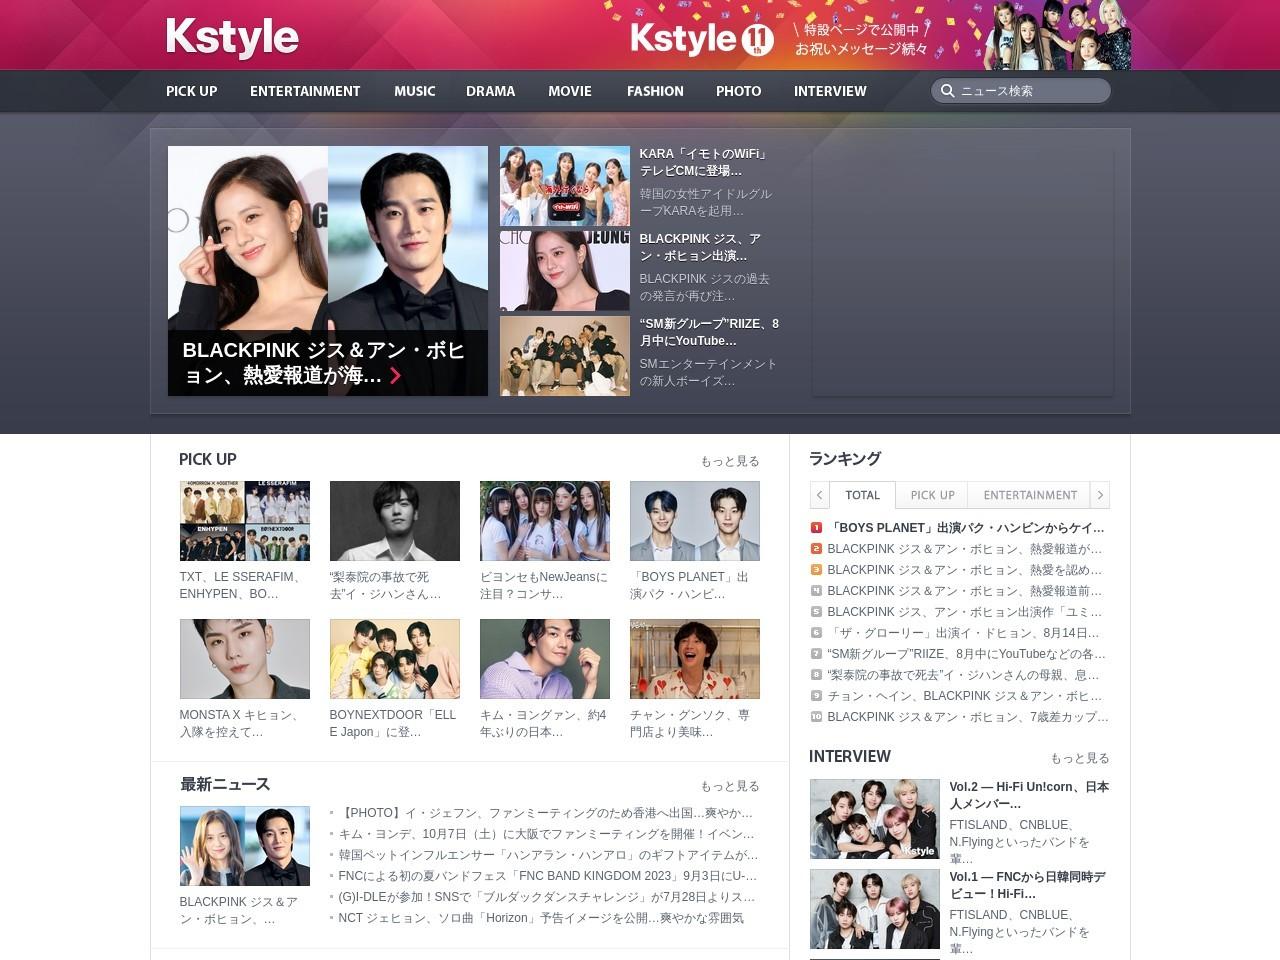 ソル・ギョング&チョン・ドヨン主演「誕生日」公開初日に韓国映画興行ランキング1位に!